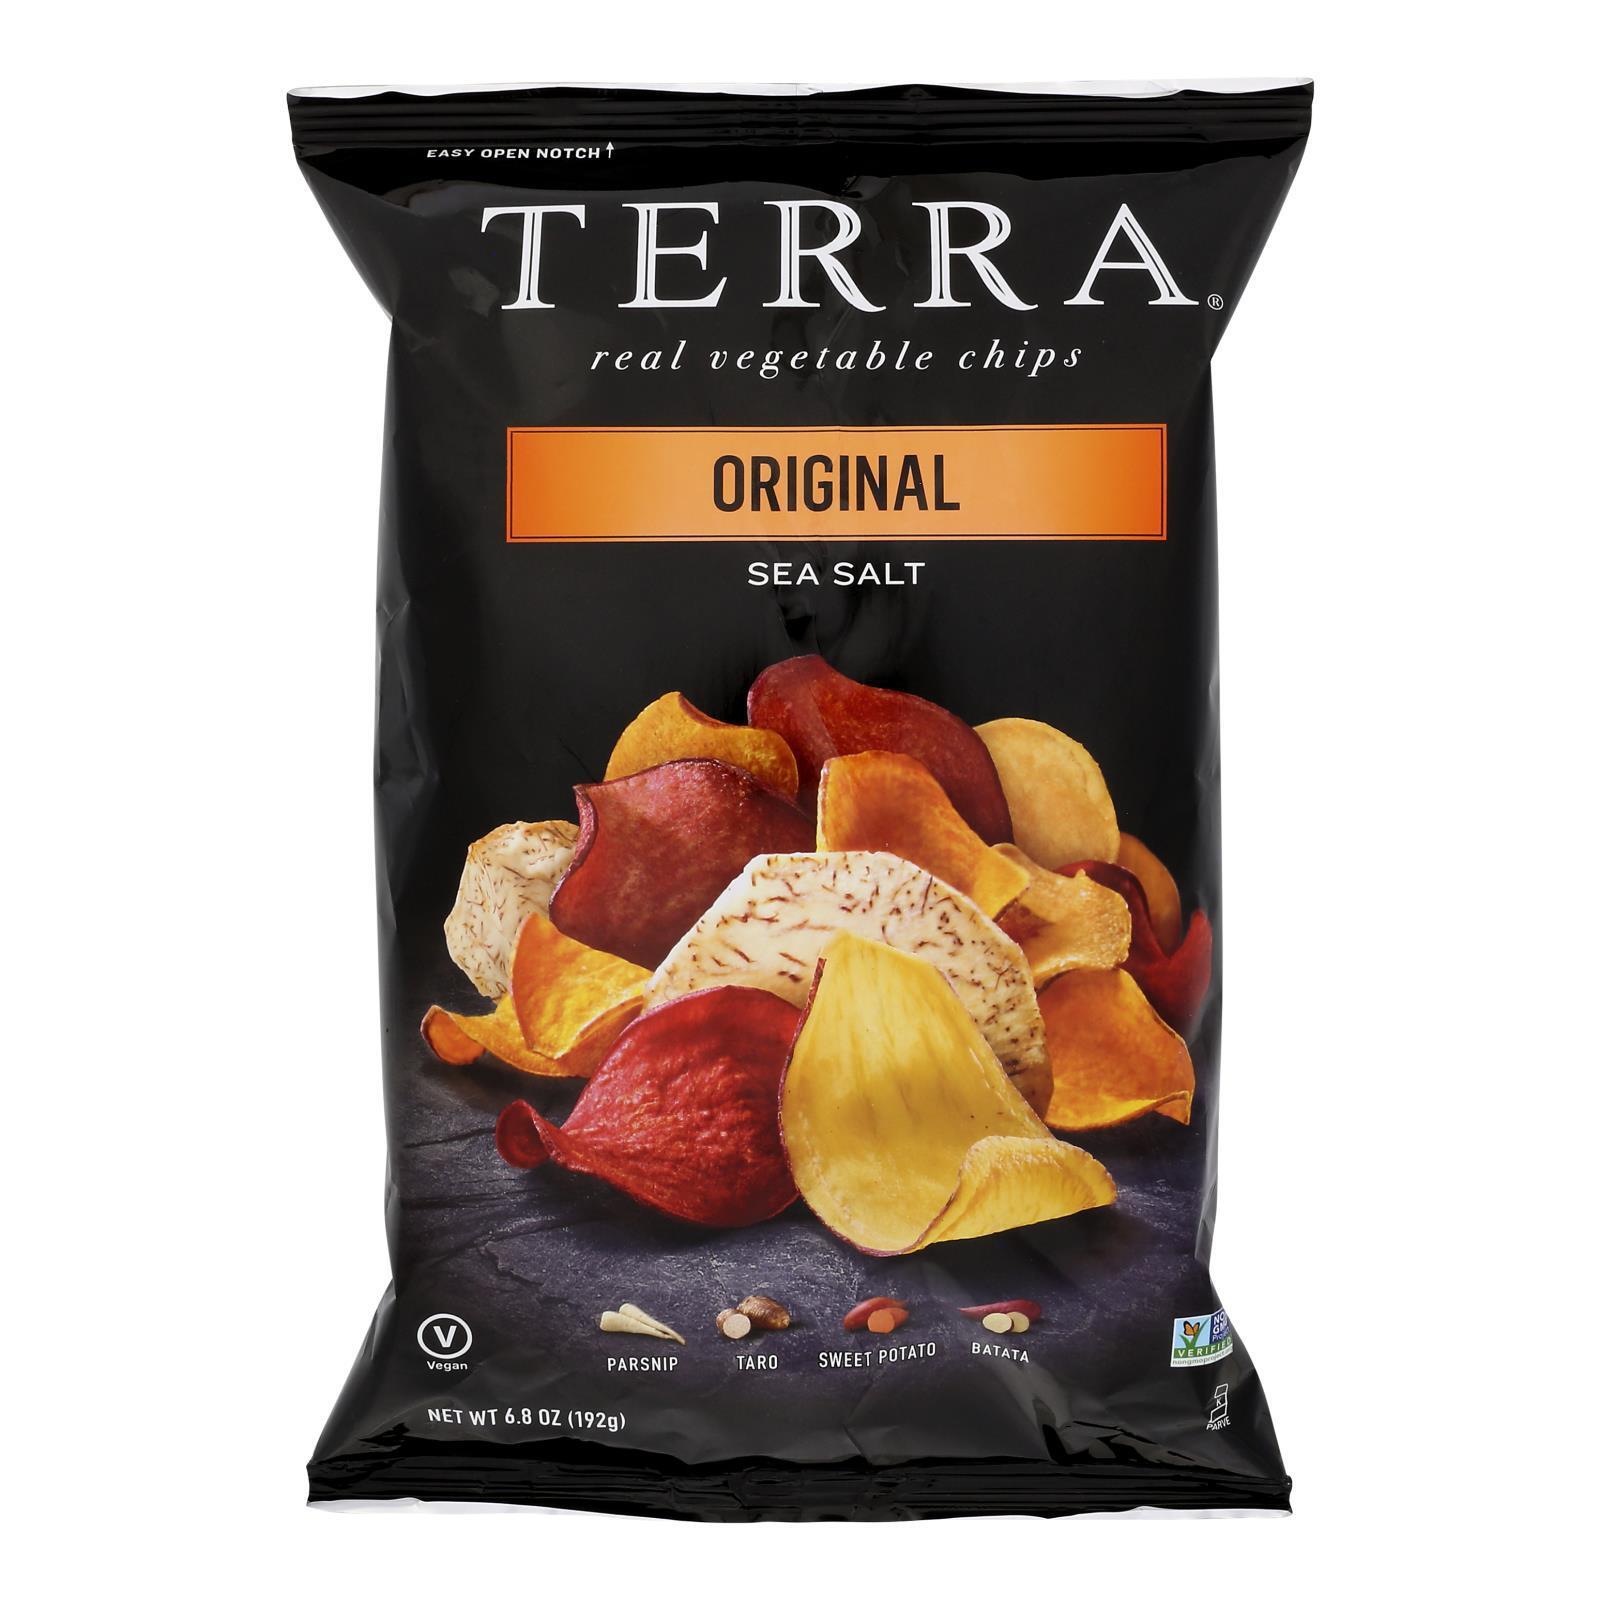 Terra Chips Exotic Vegetable Chips - Original - Case of 12 - 6.8 oz.